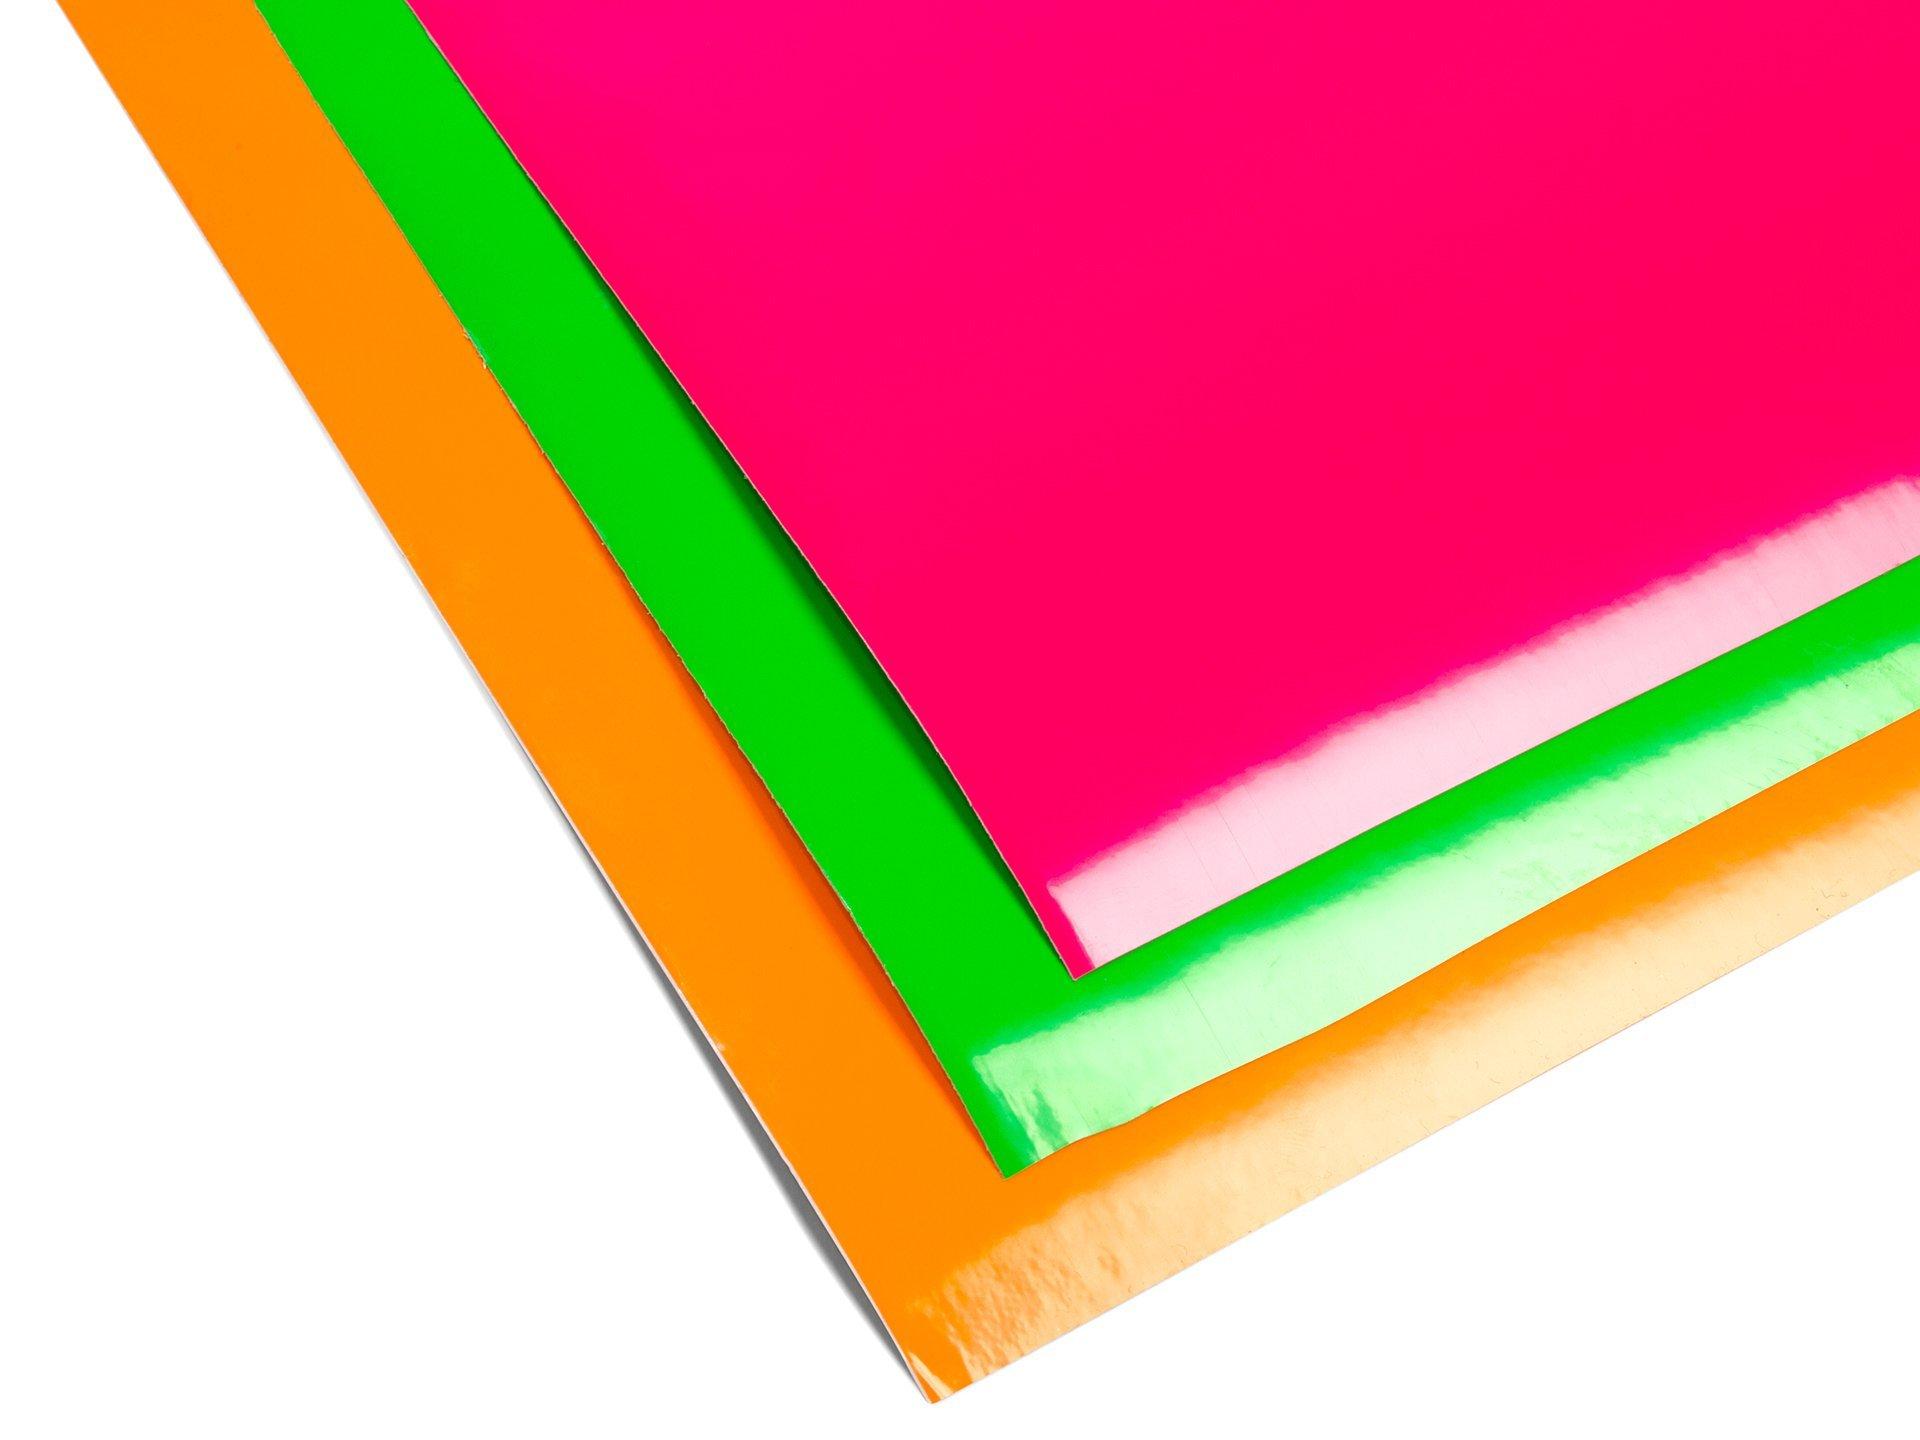 Oracal 6510 farbklebefolie neonfarben gl nzend kaufen for Klebefolie metall